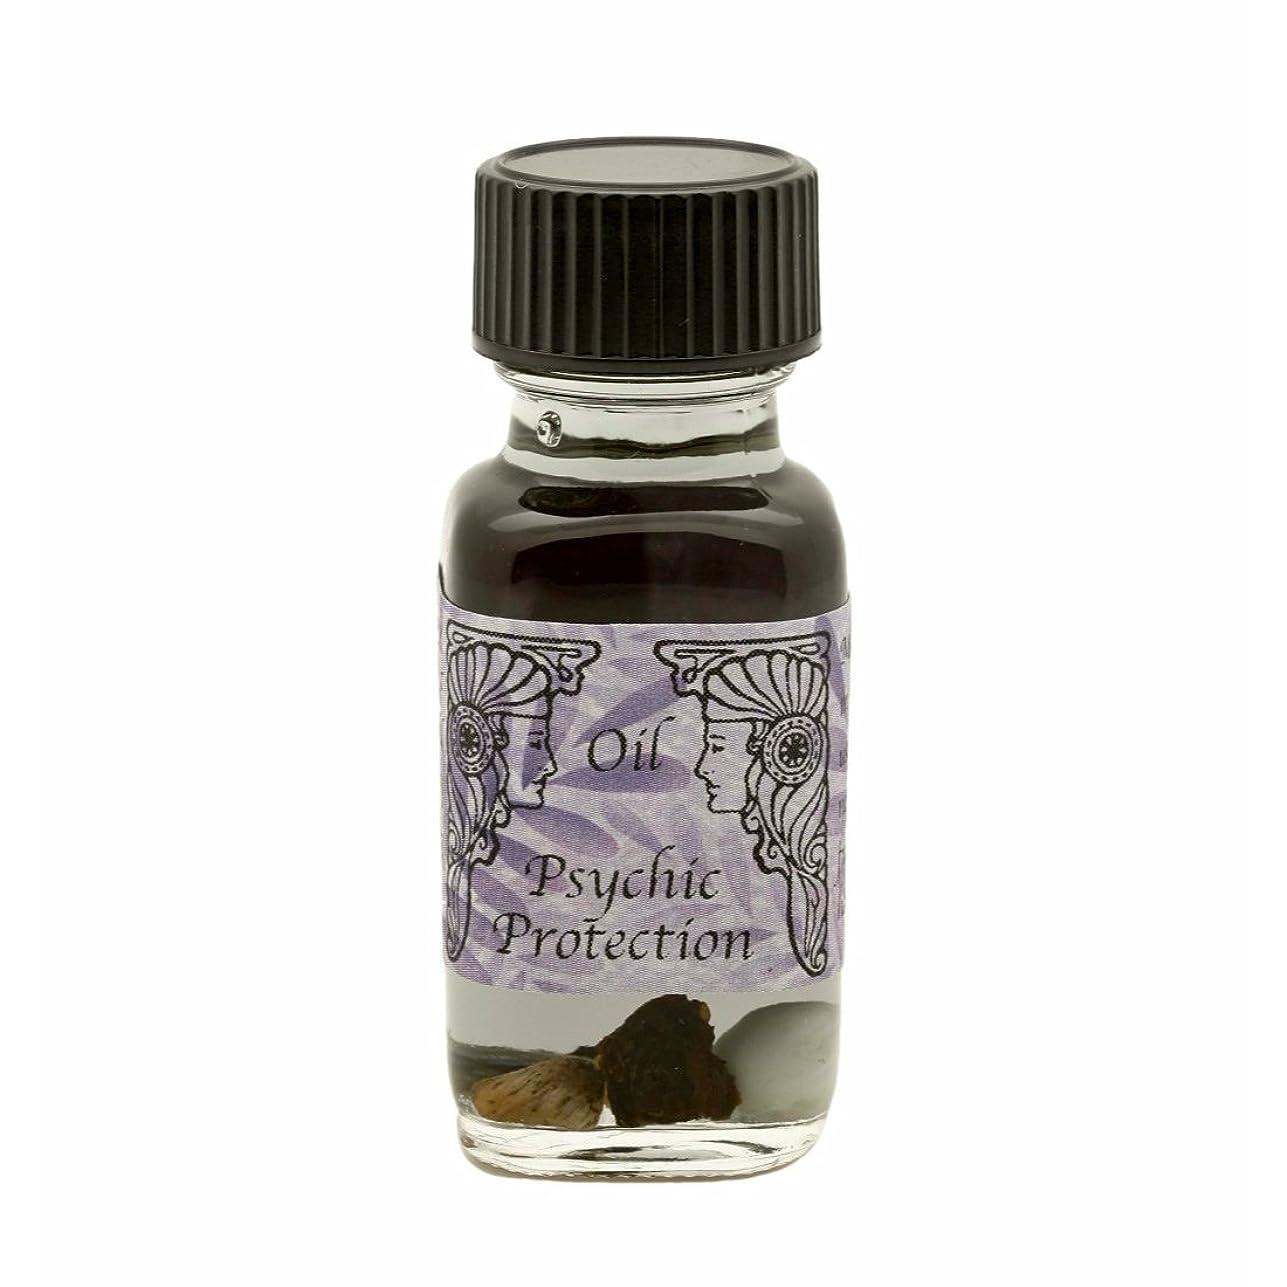 価値のないユニークな階アンシェントメモリーオイル サイキックプロテクション Psychic Protection スピリチュアルバリア 2017年新作 (Ancient Memory Oils)